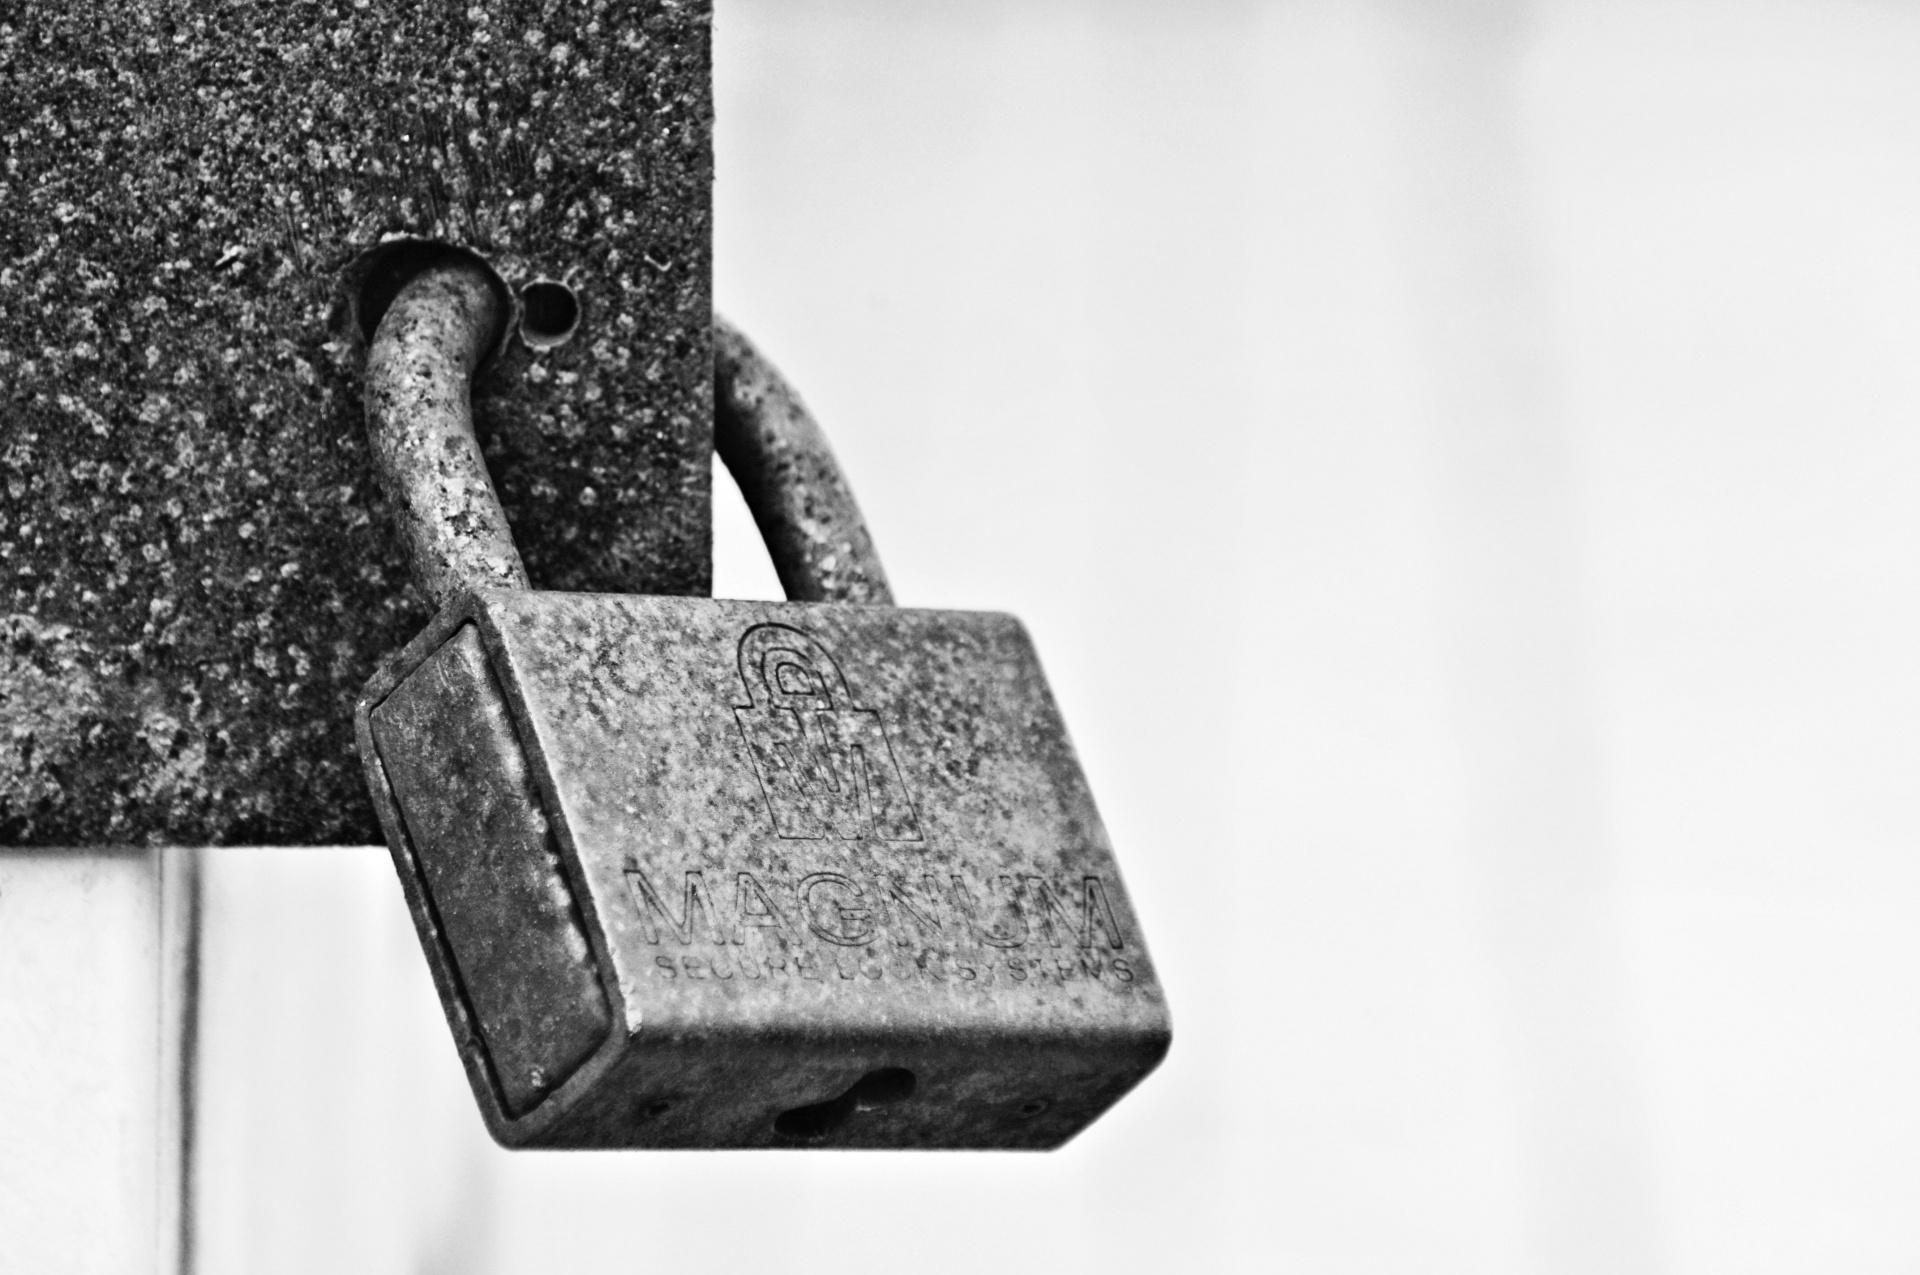 Cartera Anti-hackers: Hardware Wallet